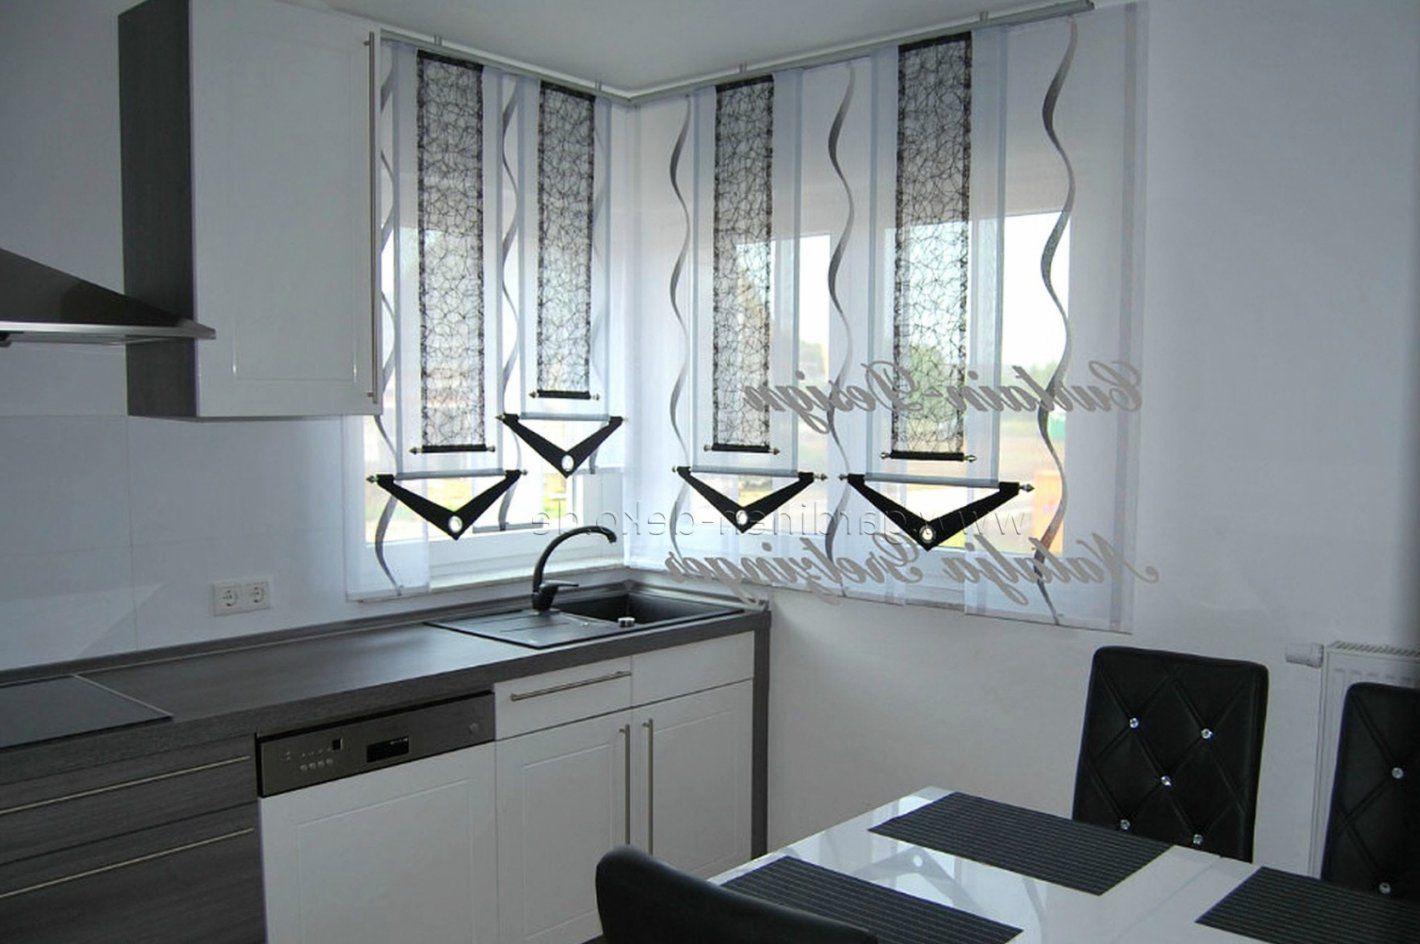 Kurze Gardinen Küche Ideen Within Gardinen Küche Ideen Algerie4x4